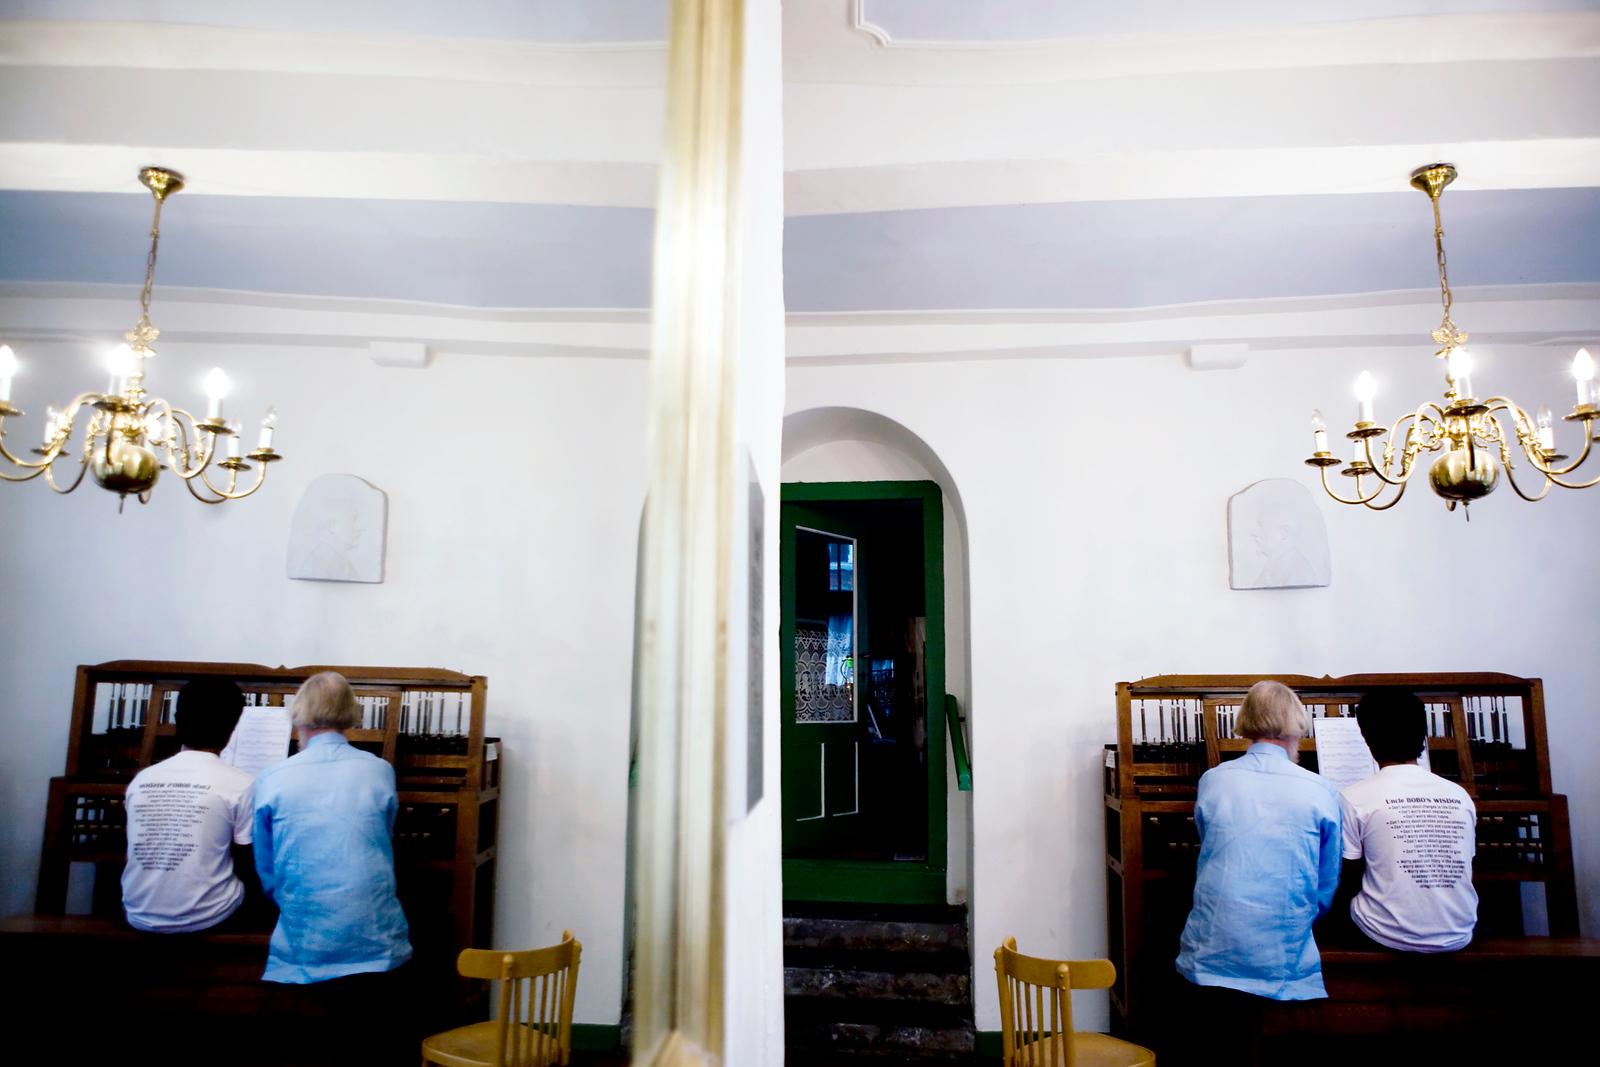 carillon single lesson with Jo Haazen